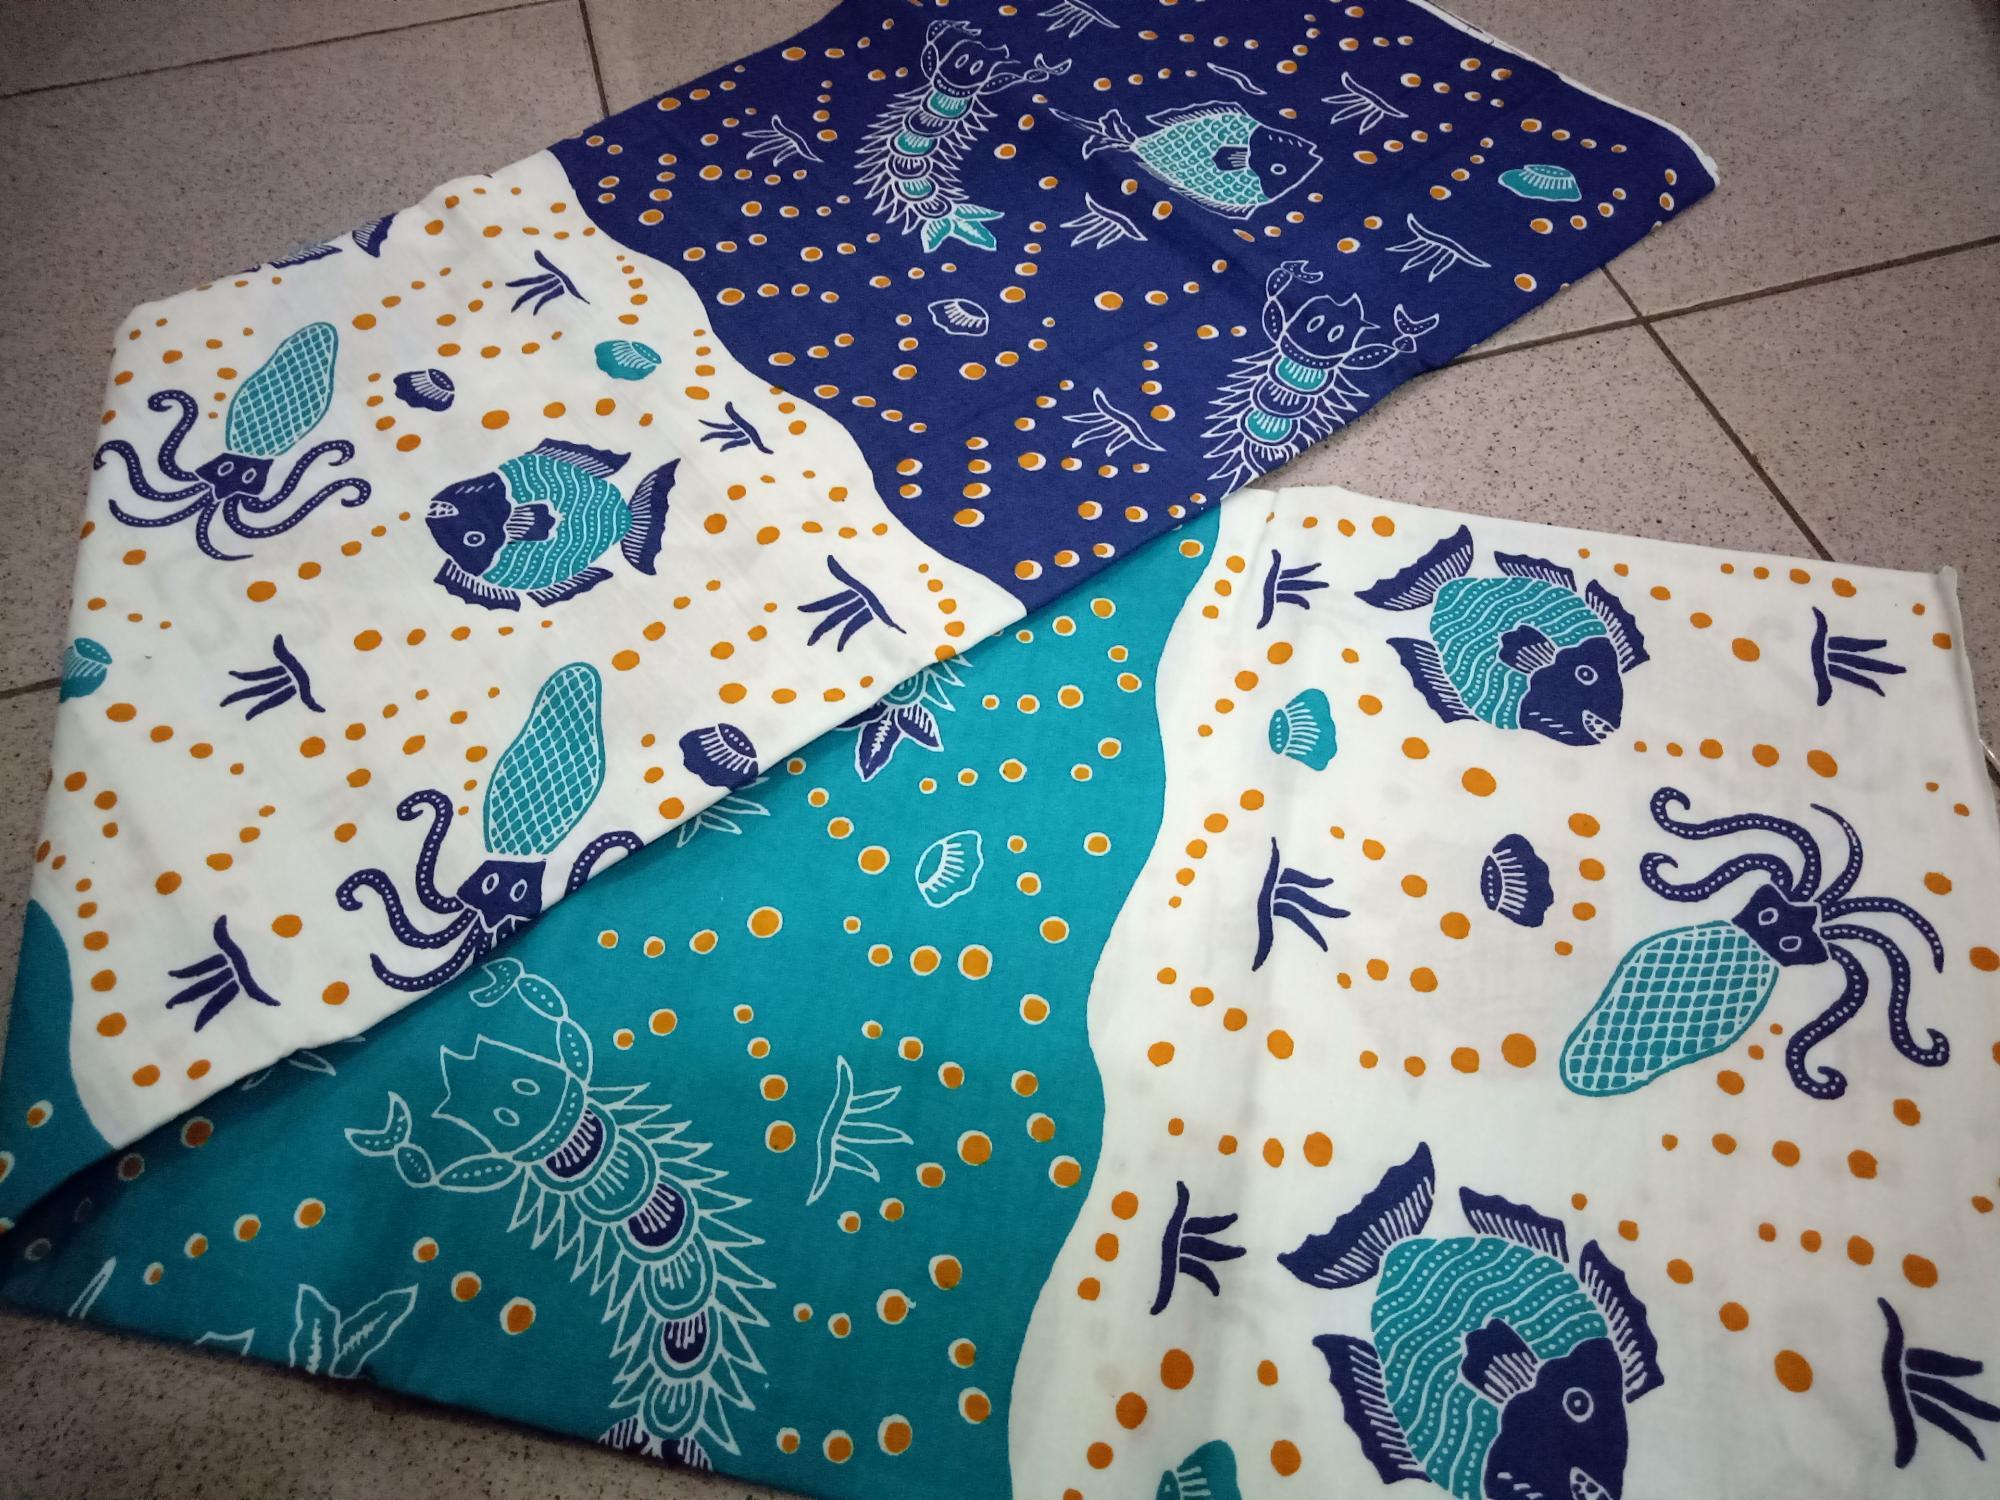 Kain batik motif ikan 3 dimensi biru